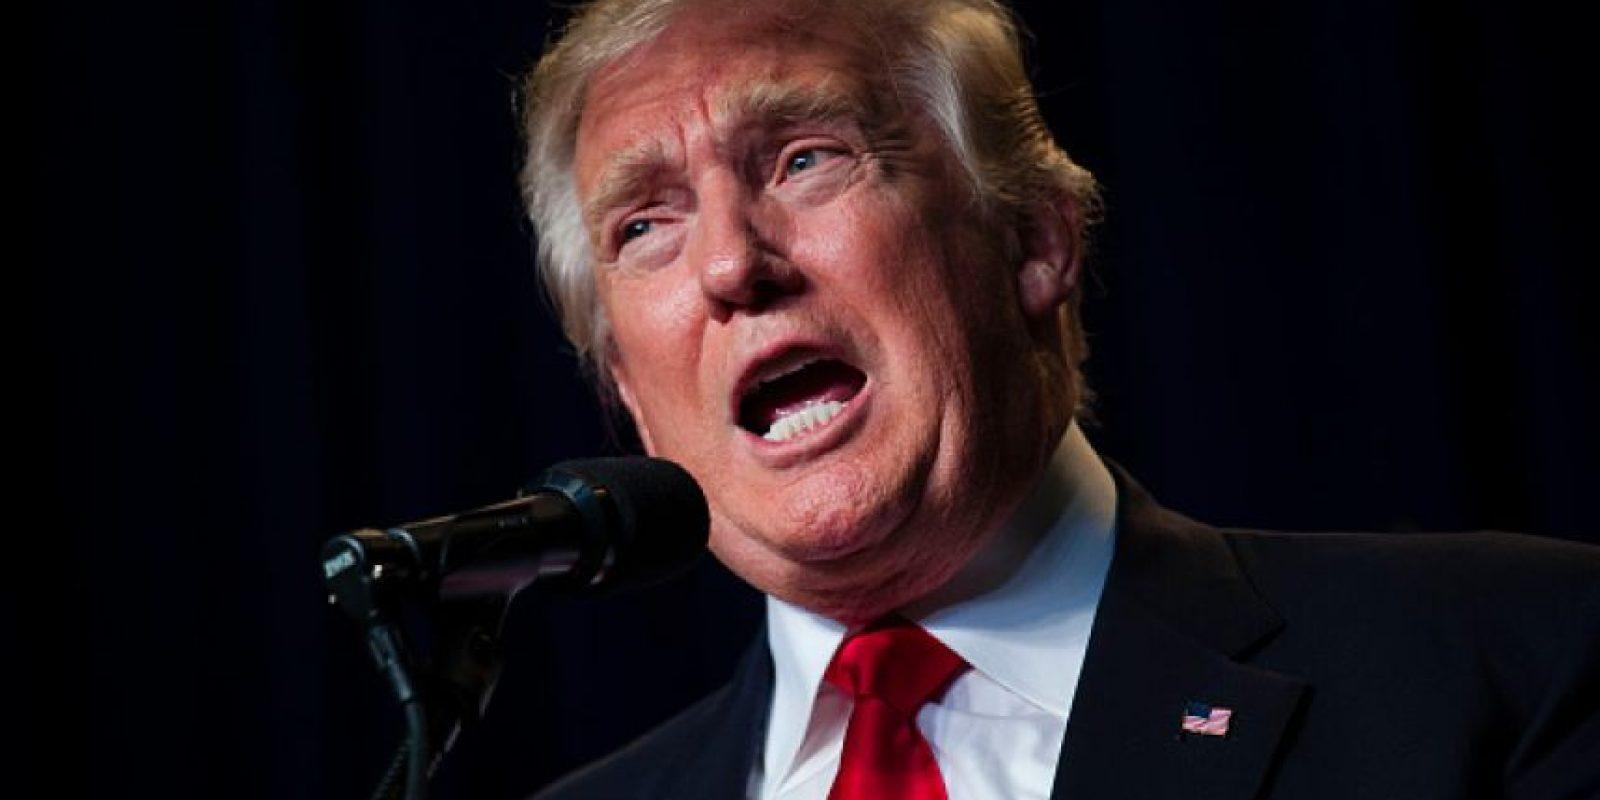 Tiene un 39% de preferencia electoral, frente al 49% de la candidata demócrata Foto:Getty Images